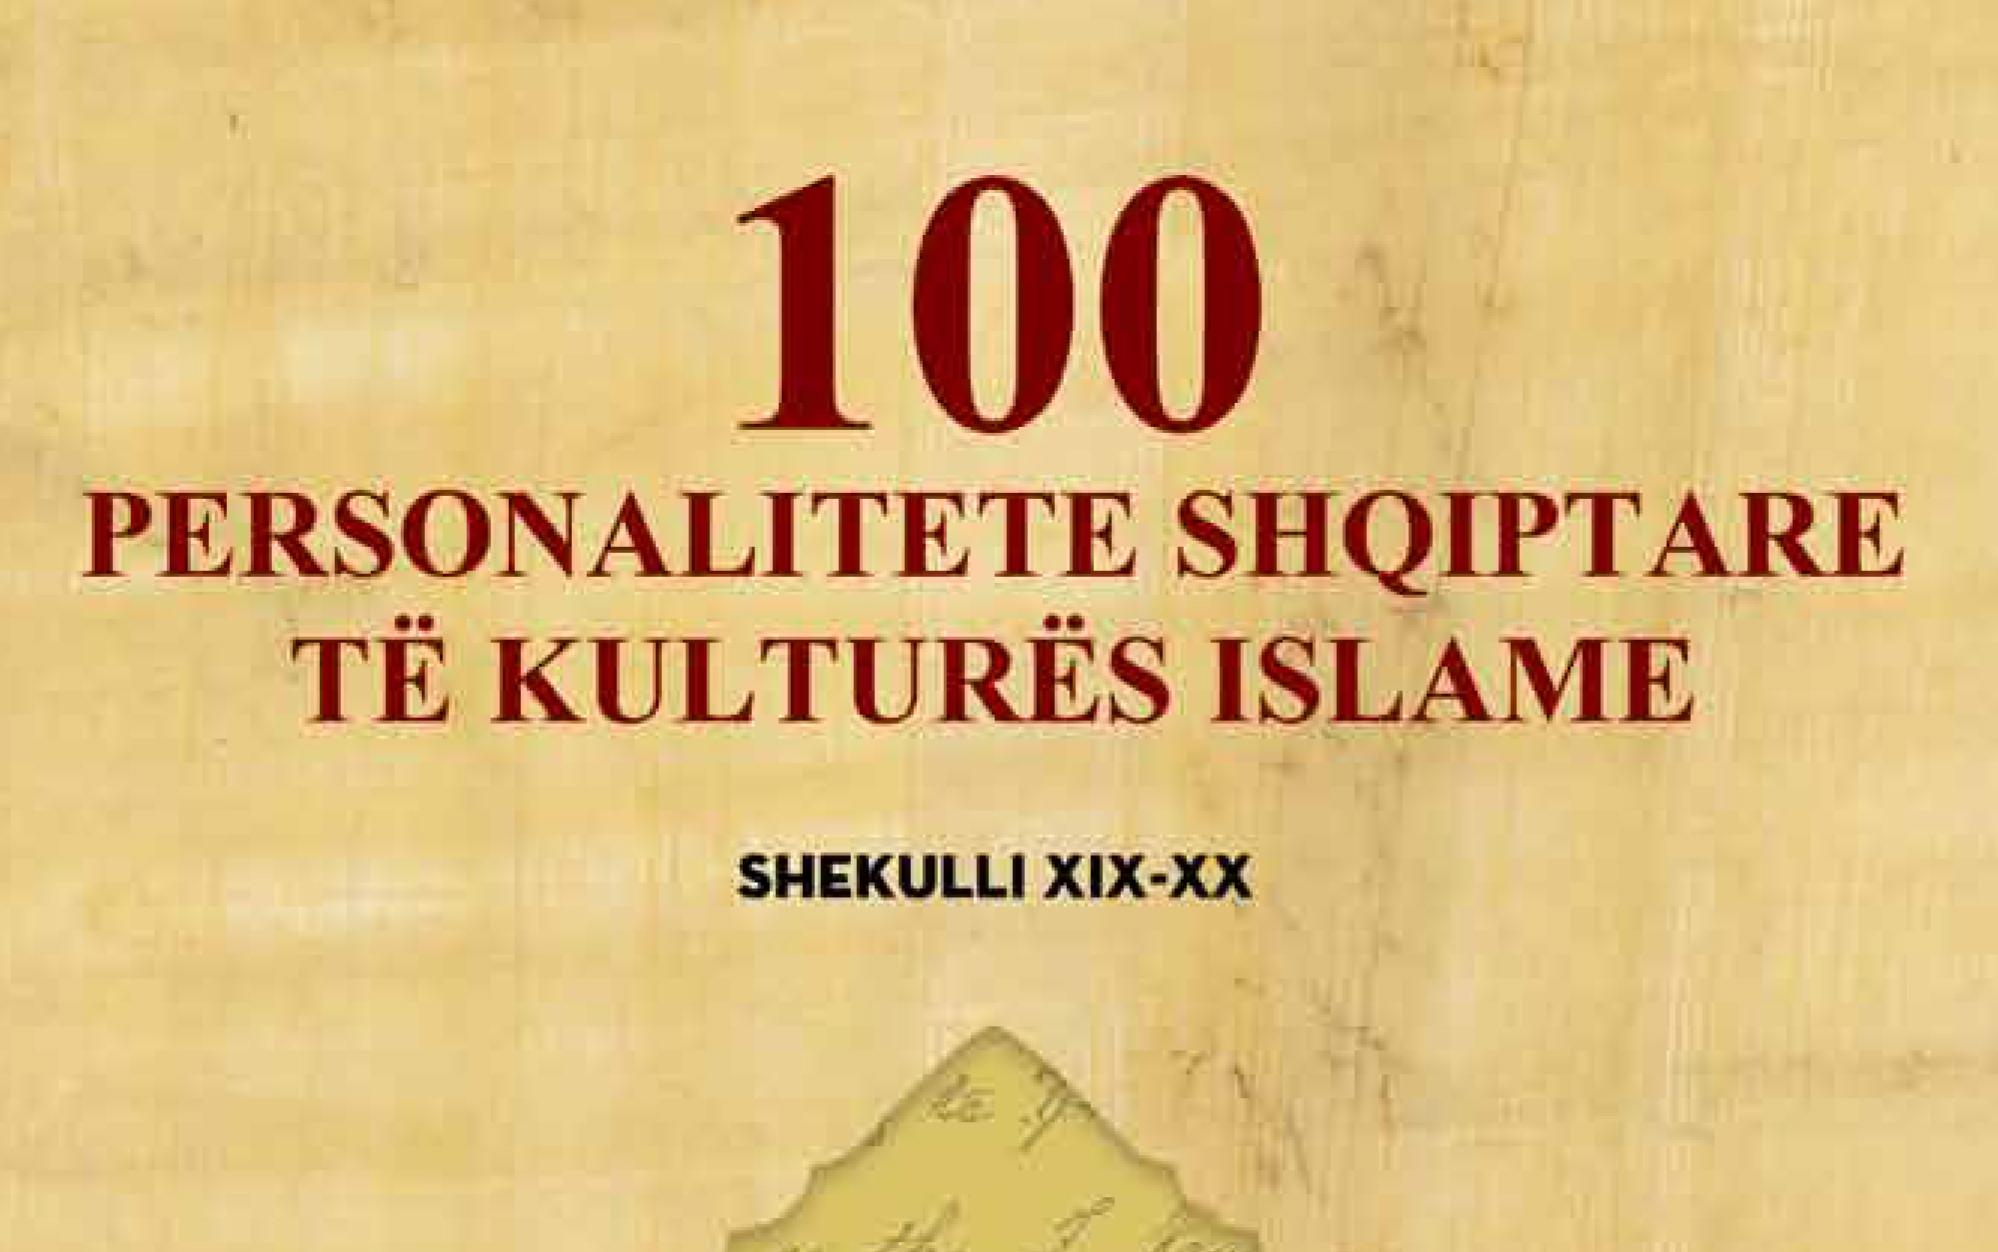 100 PERSONALITETE SHQIPTARE TË KULTURËS ISLAME